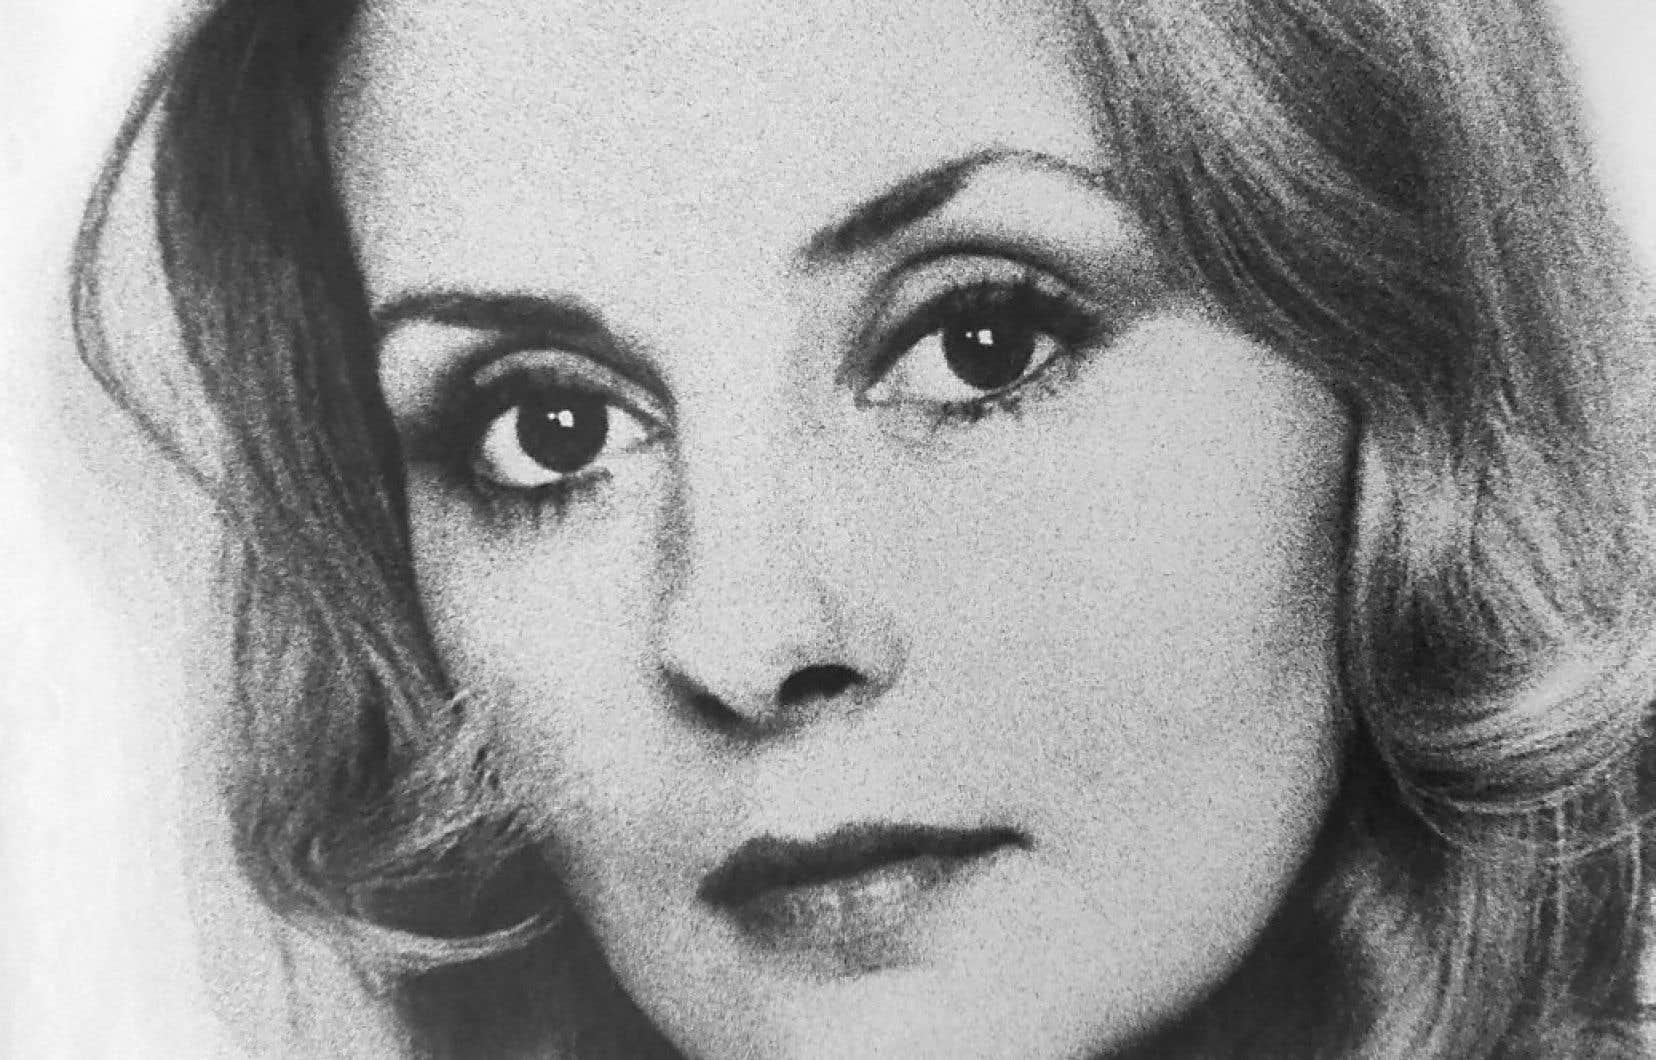 «Cela me semble essentiel que l'on inaugure, sans tarder, à Montréal une place honorant la mémoire de Michèle Lalonde», écrit l'autrice.